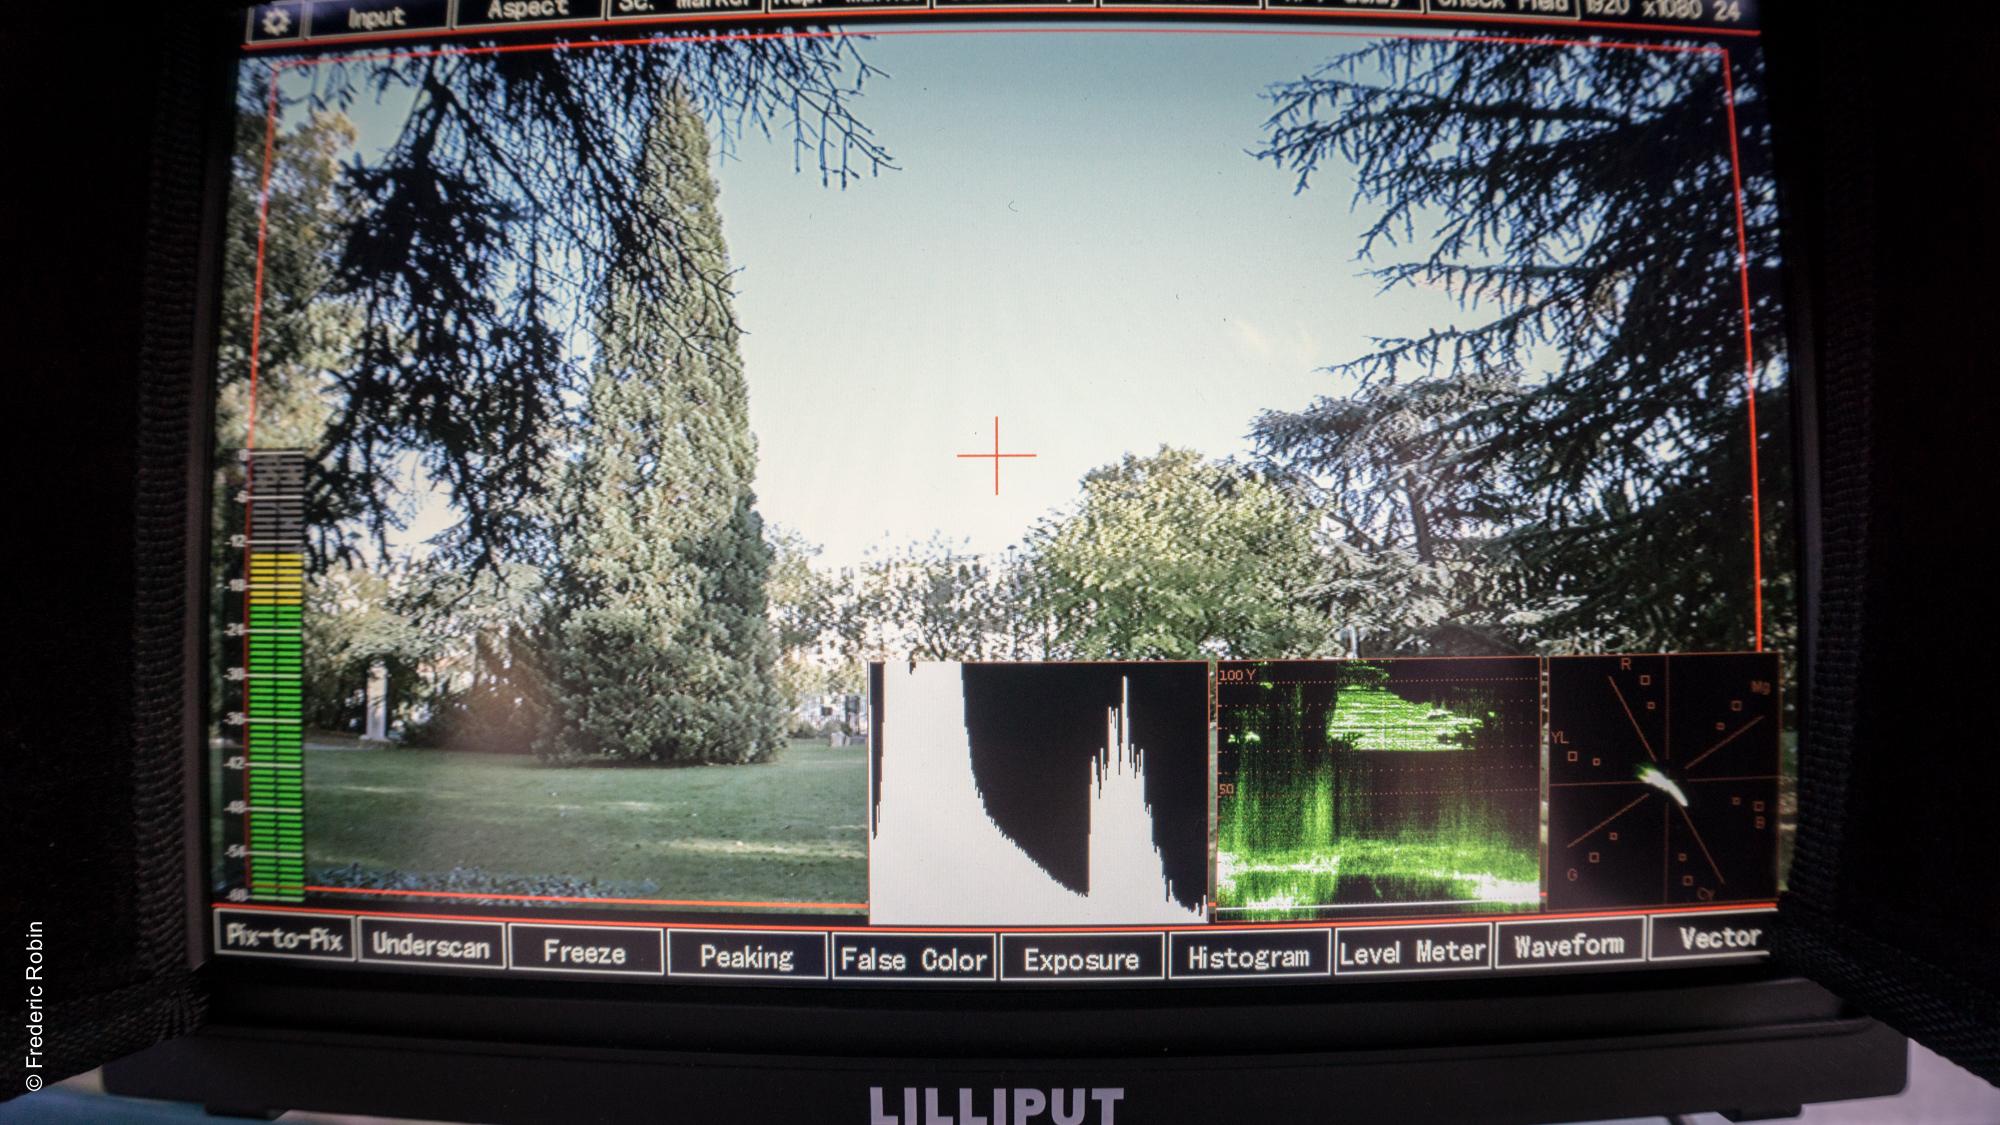 Affichage des scopes pour vérifier le signal issue d'une caméra.